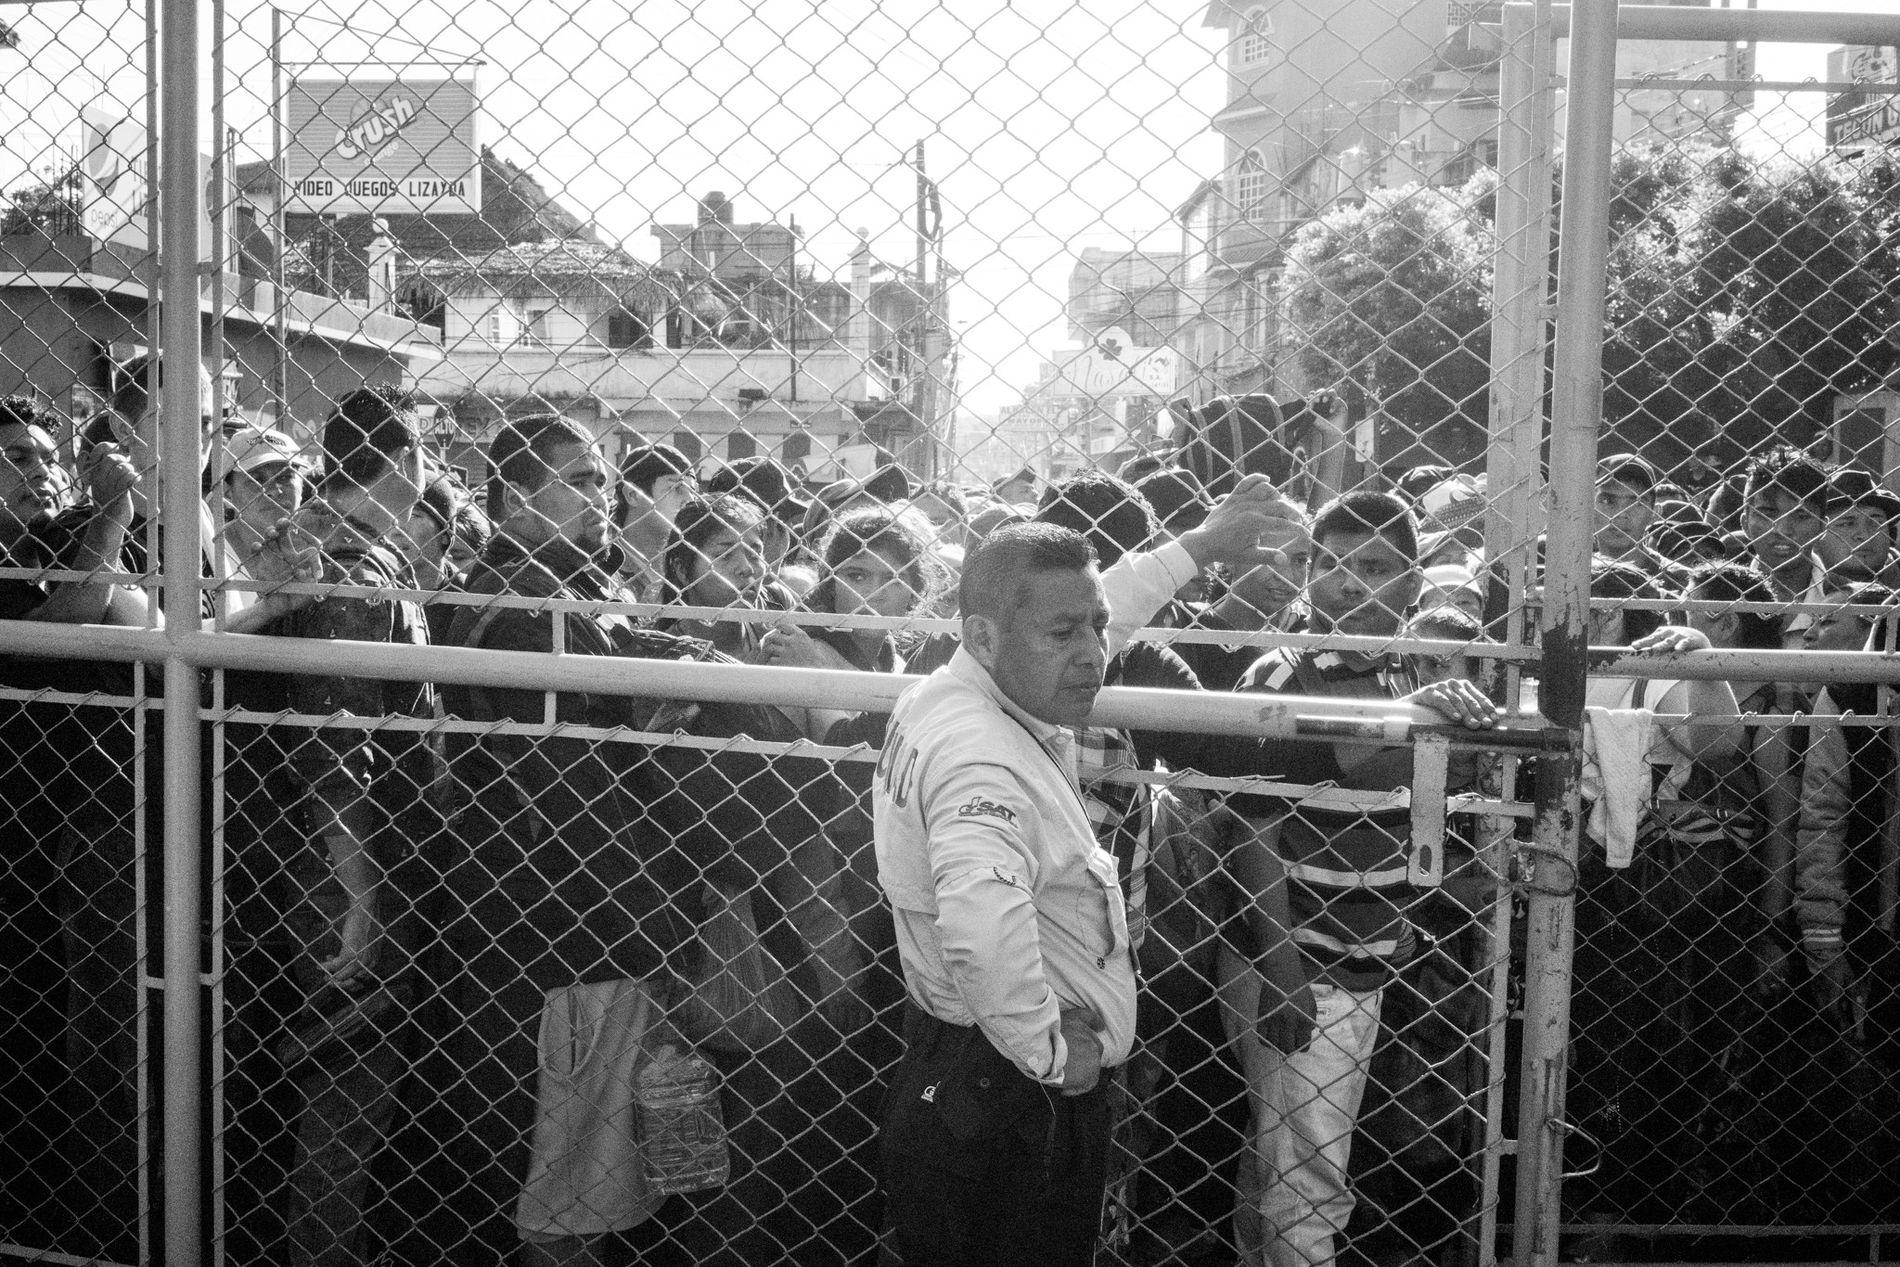 Tecún Umán, Guatemala. 2 de noviembre de 2018. Los migrantes salvadoreños se acumulan en el cruce fronterizo oficial en Tecún Umán, con la esperanza de que les permitan cruzarla legalmente hacia México en su viaje hacia el norte, a la frontera de los Estados Unidos.